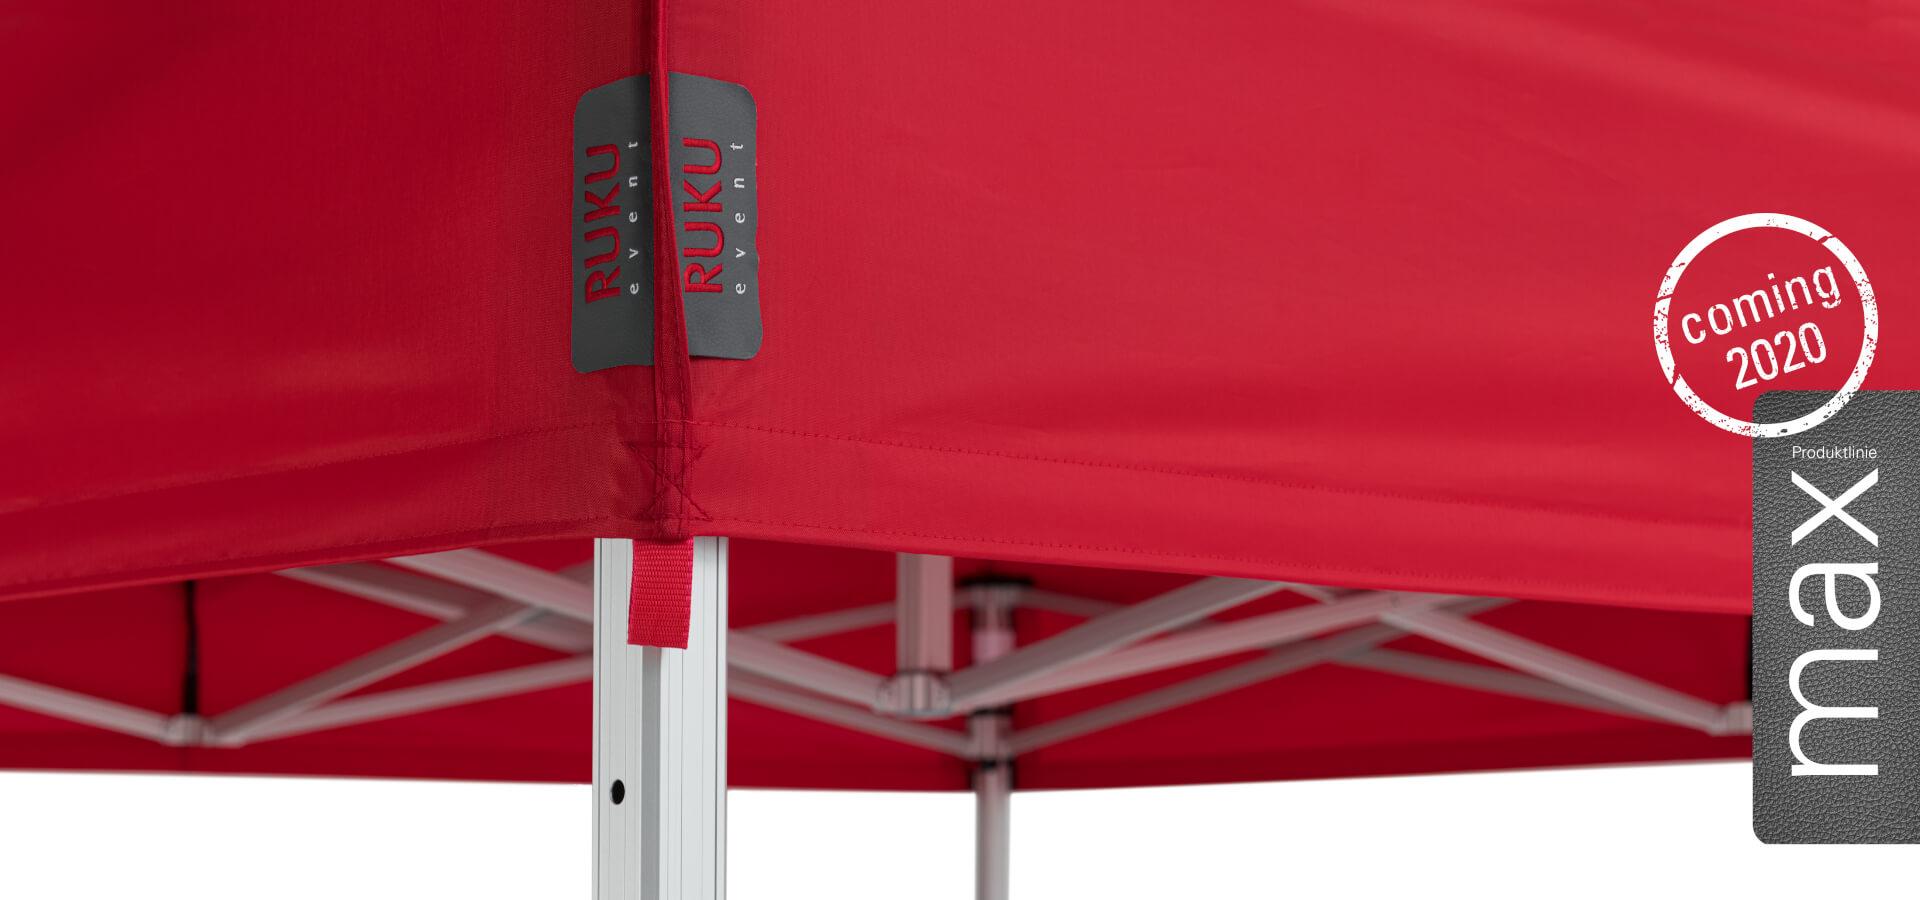 Die neue Faltpavillon Produktlinie wird mit einem Banner für 2020 angekündigt.